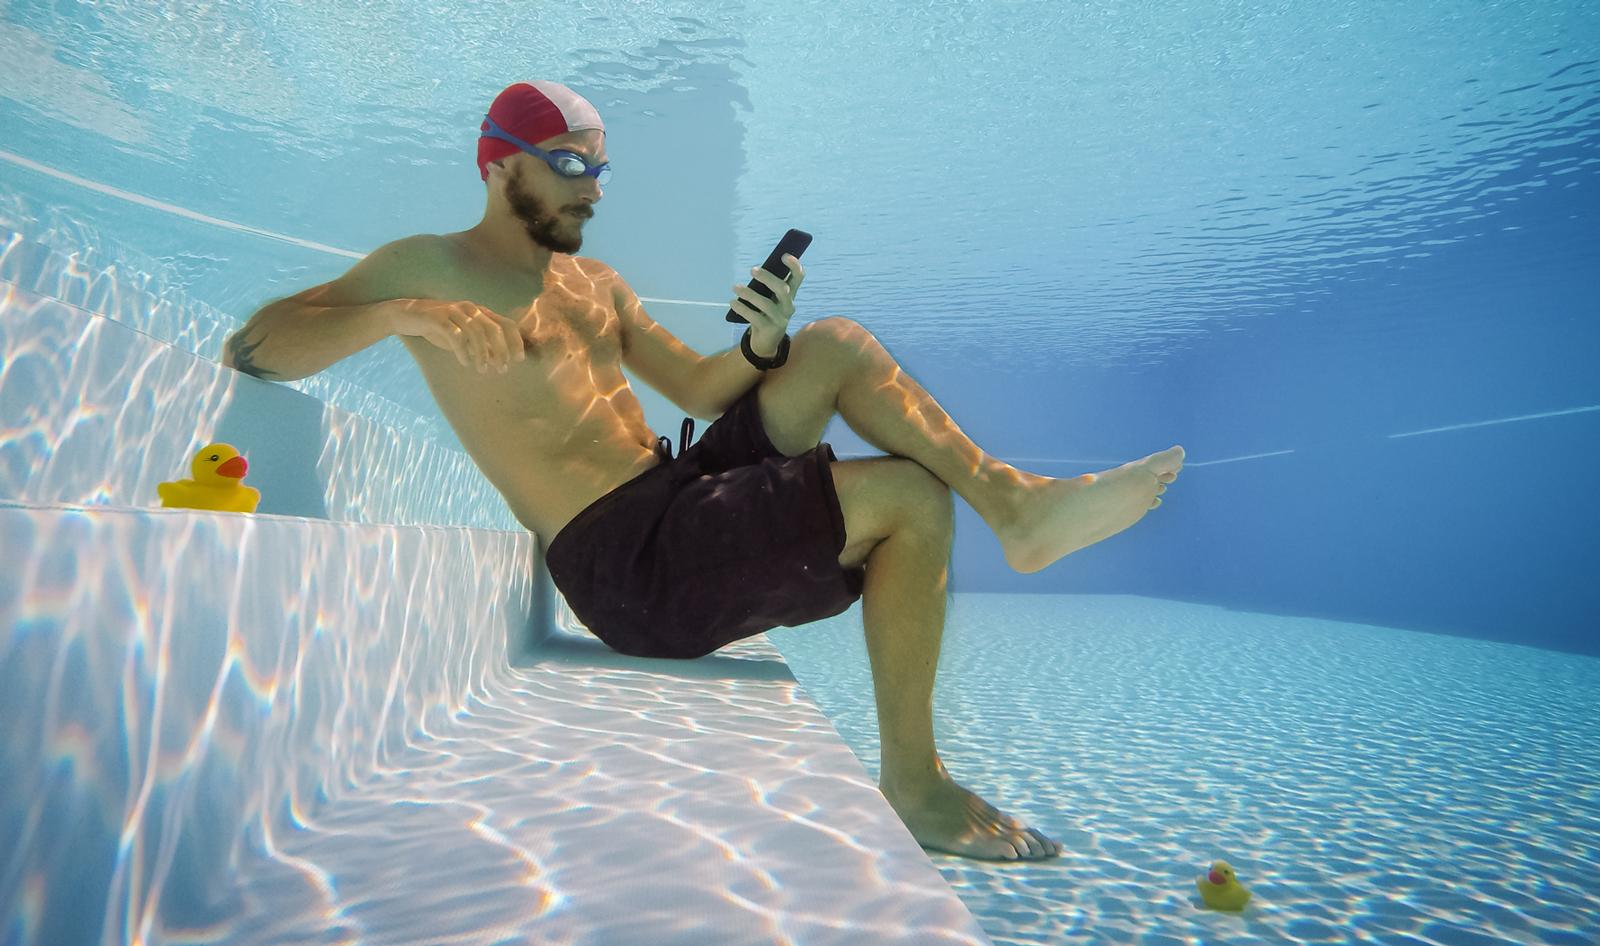 Auch am Strand oder im Pool gibt es endlich kein Datenlimit mehr. Bild: Getty Images